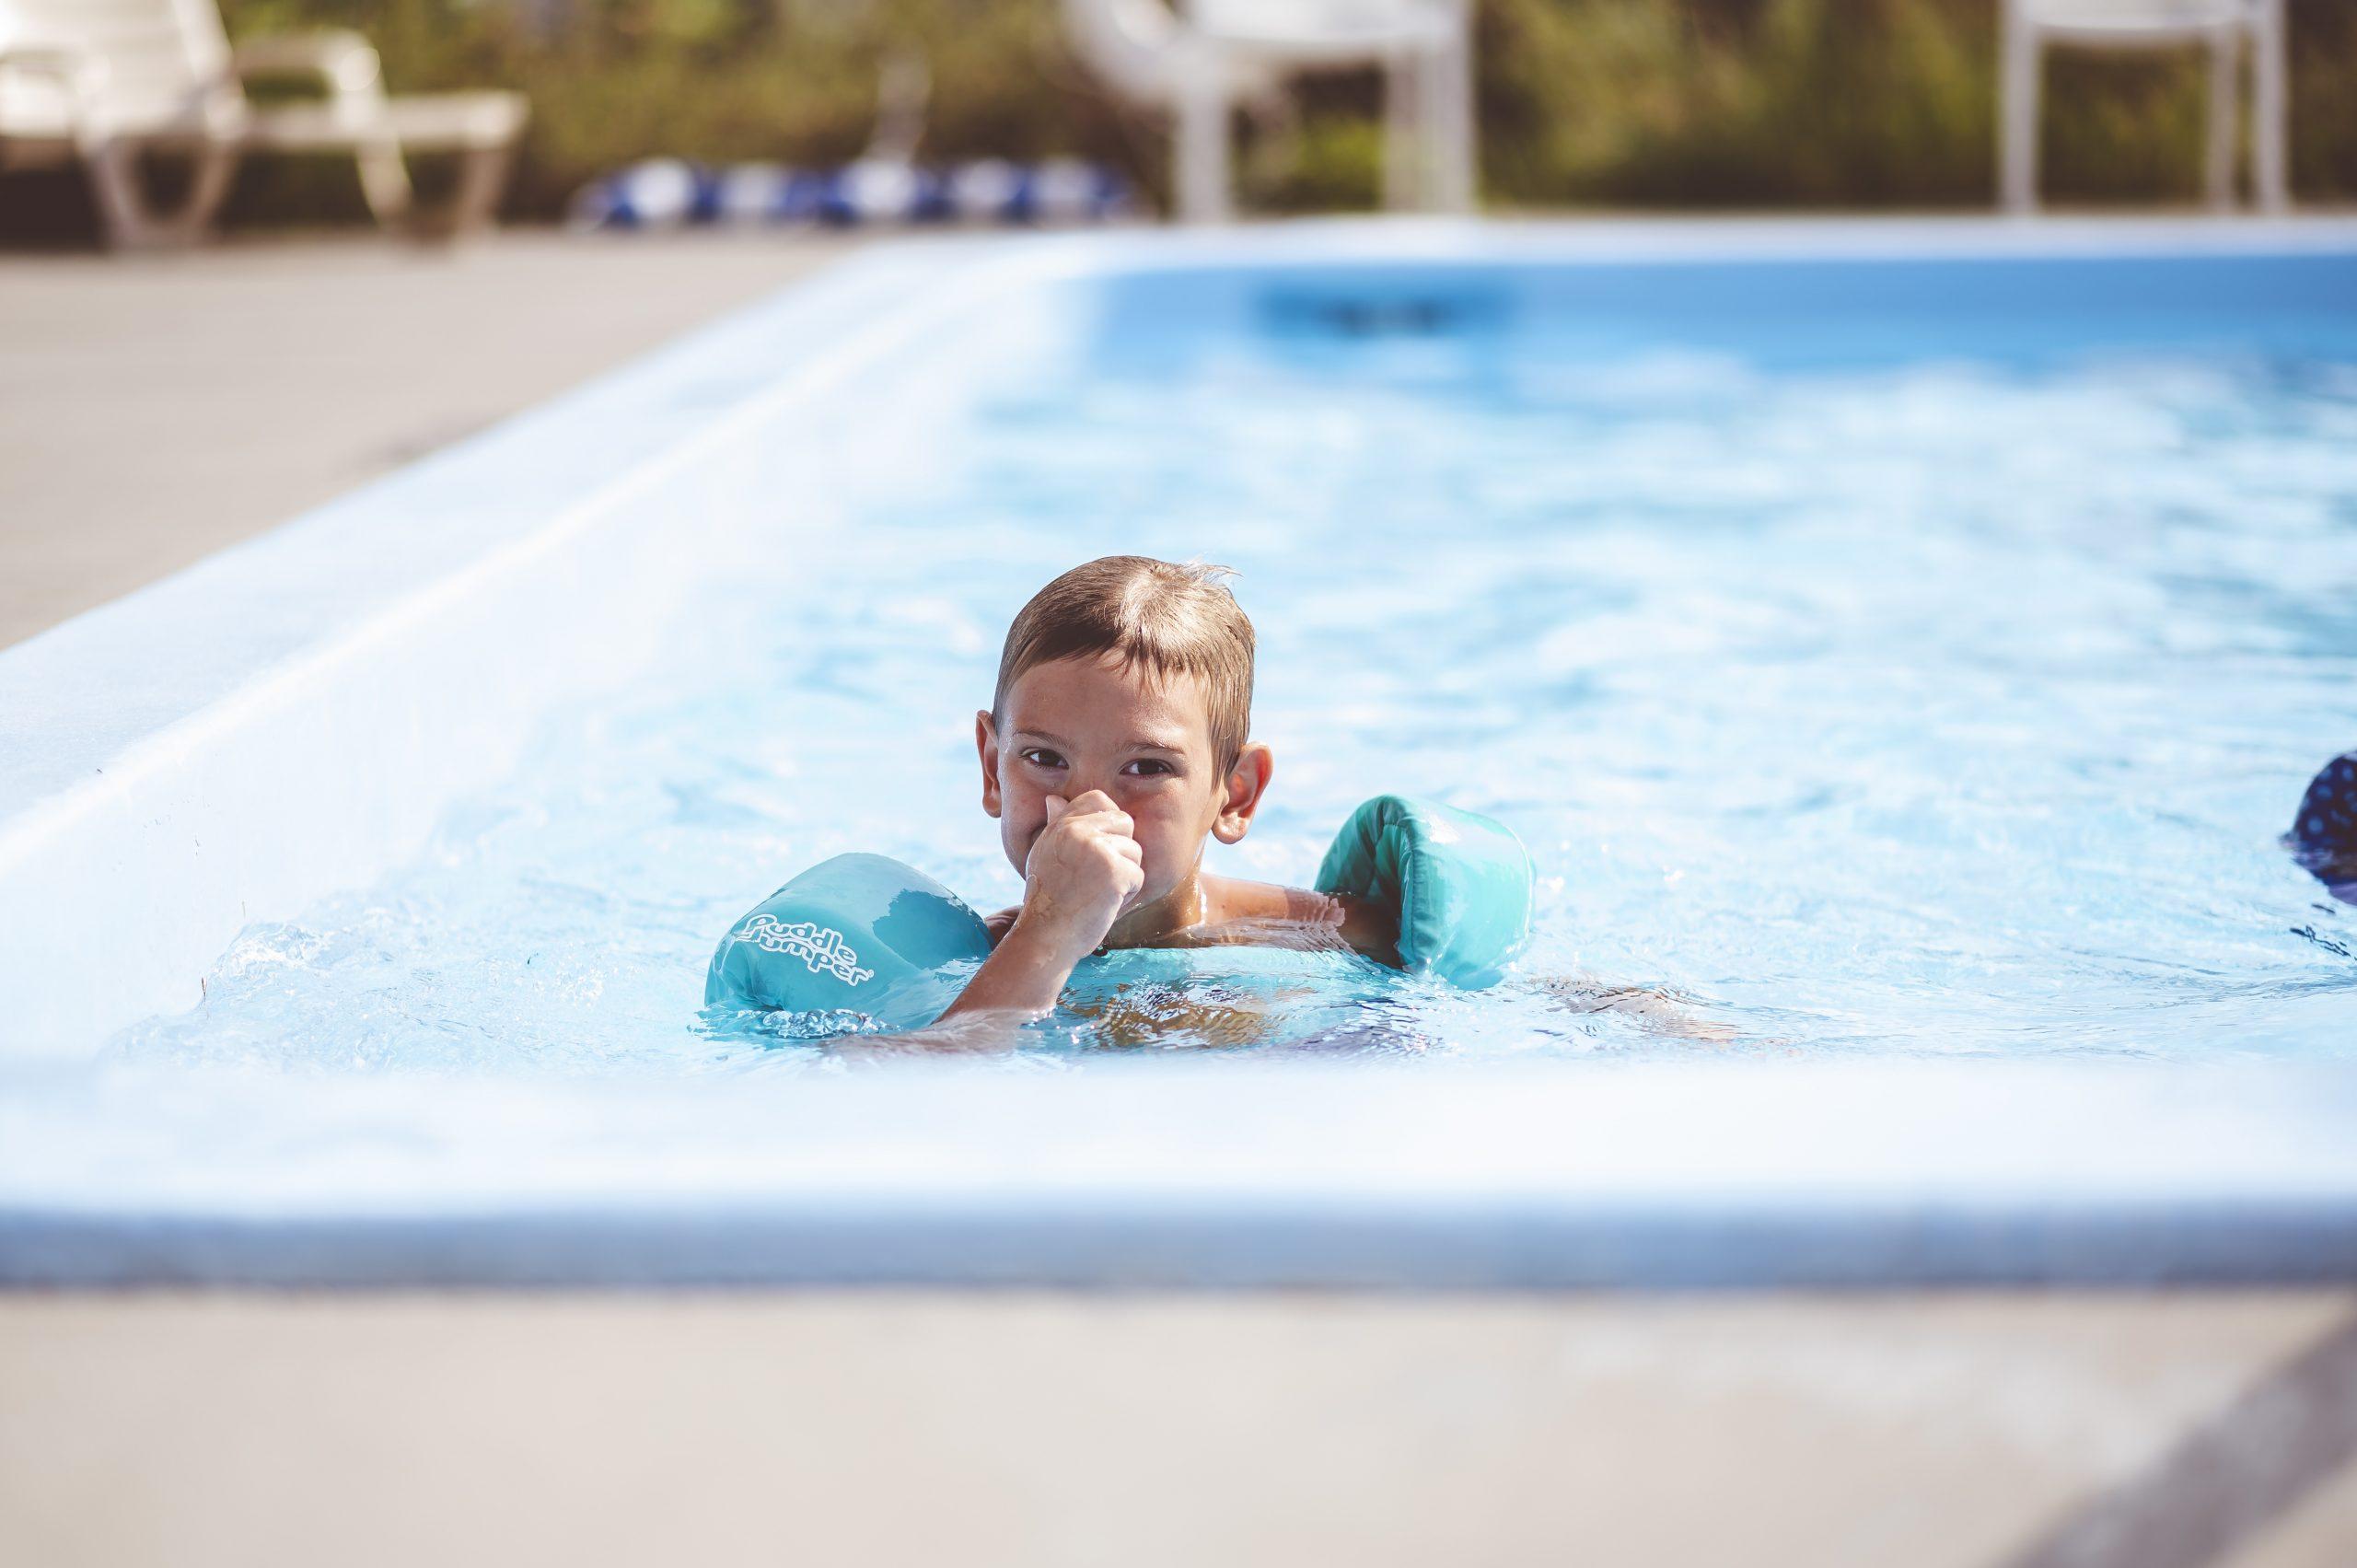 Domači bazeni in varnost otrok